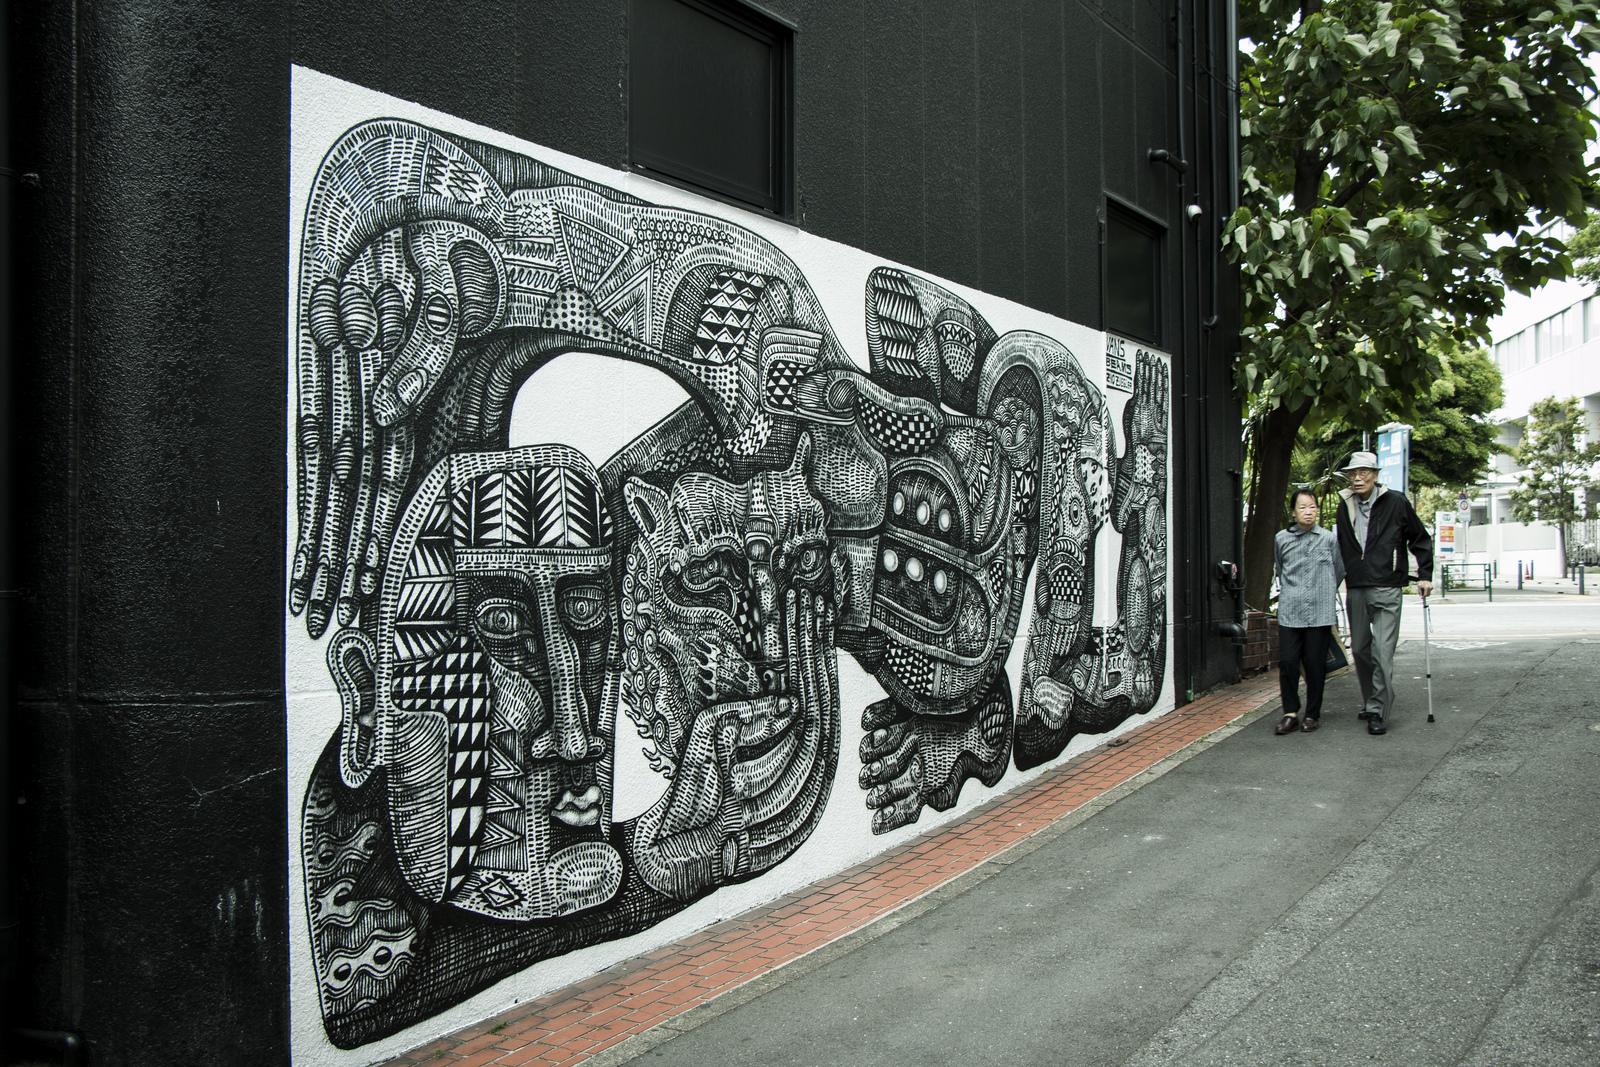 zio-ziegler-new-mural-in-tokyo-japan-03